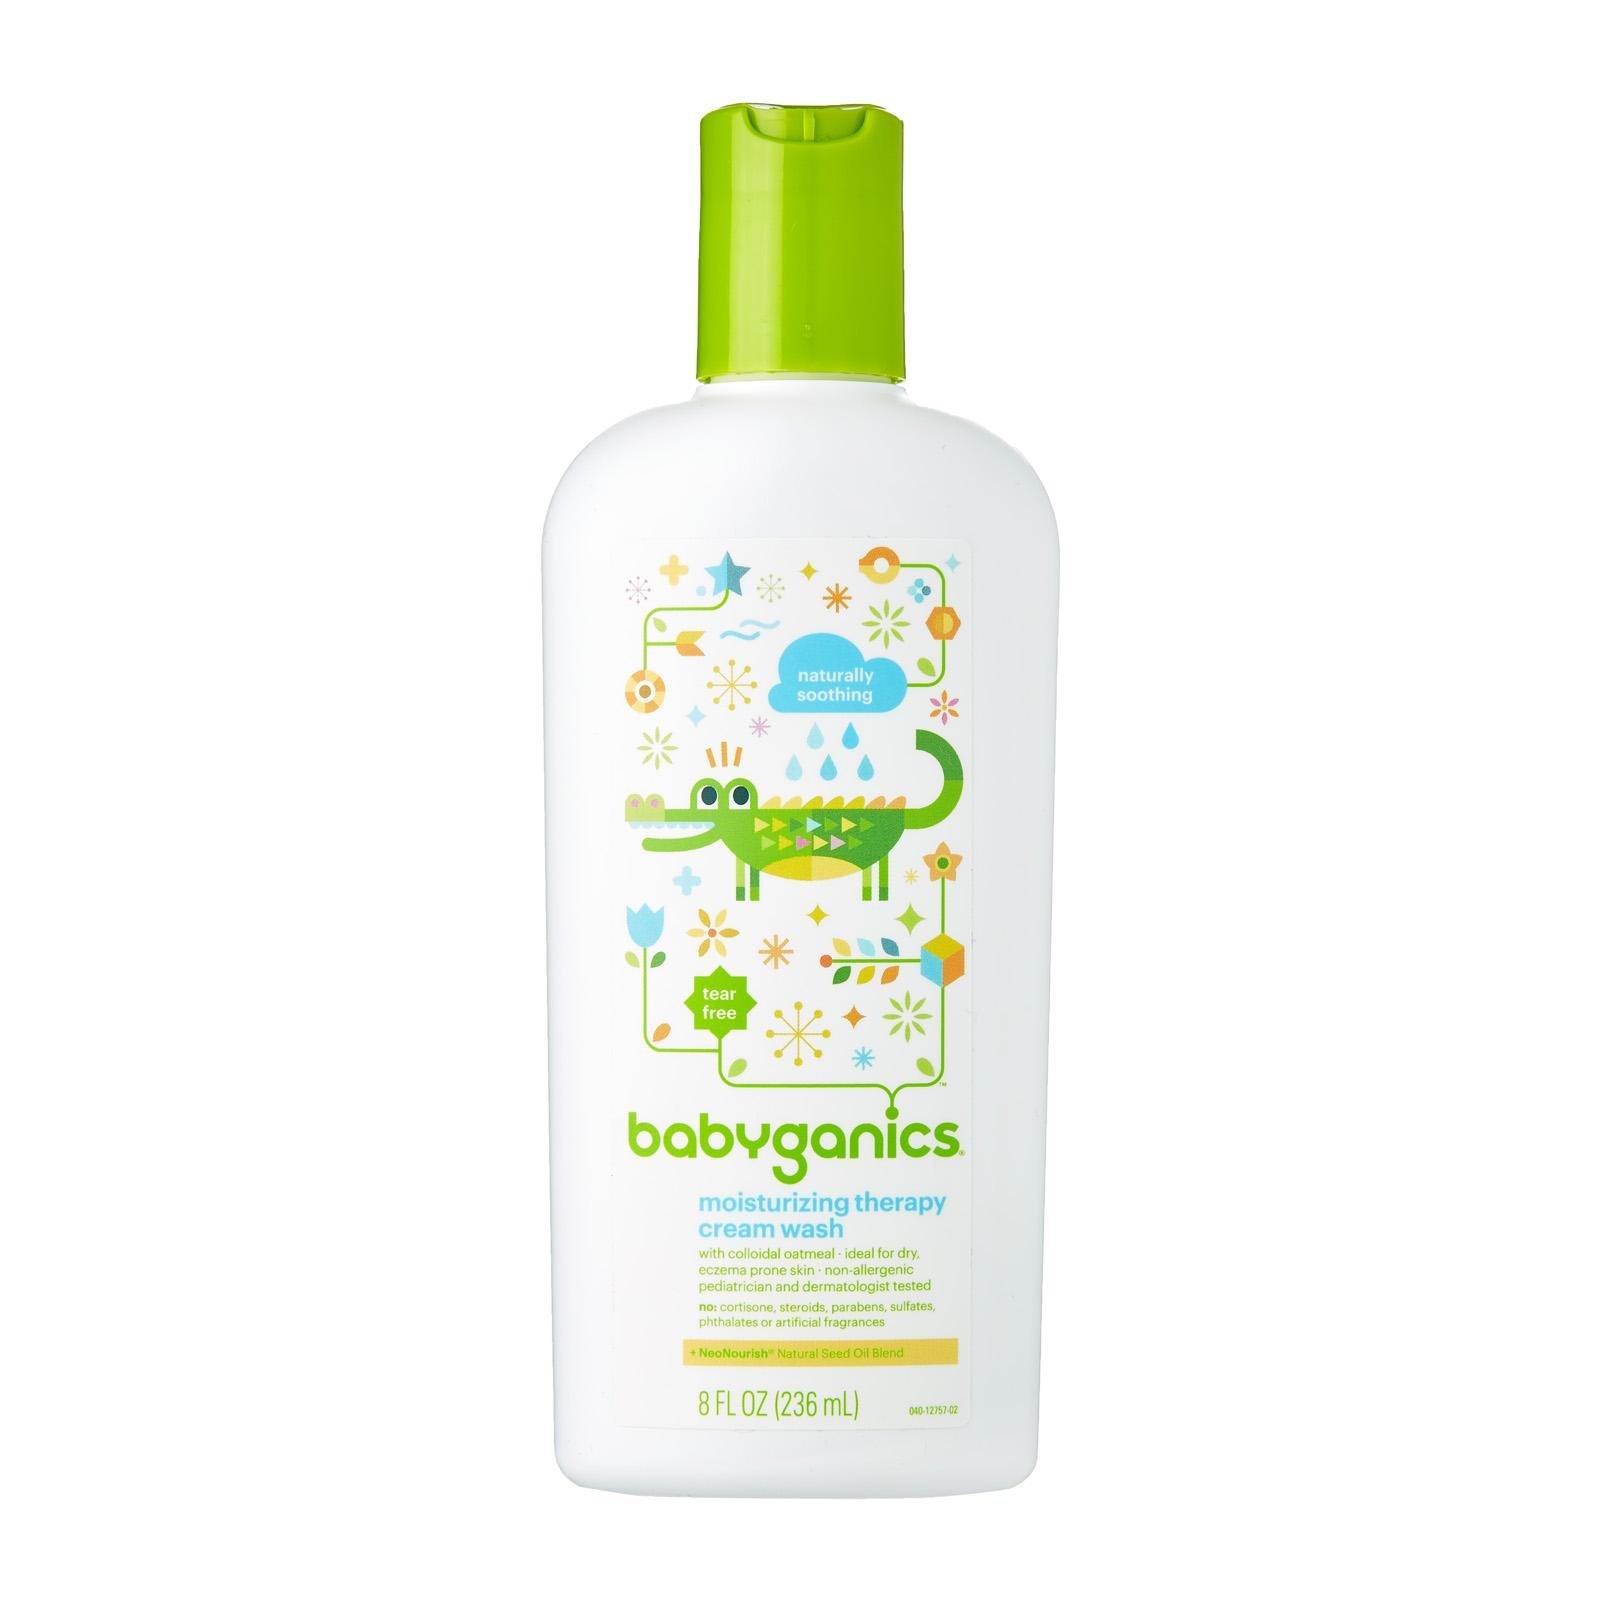 Babyganics Moistsurizing Therapy Cream Wash, 8oz Bottle (Pack of 2) by Babyganics